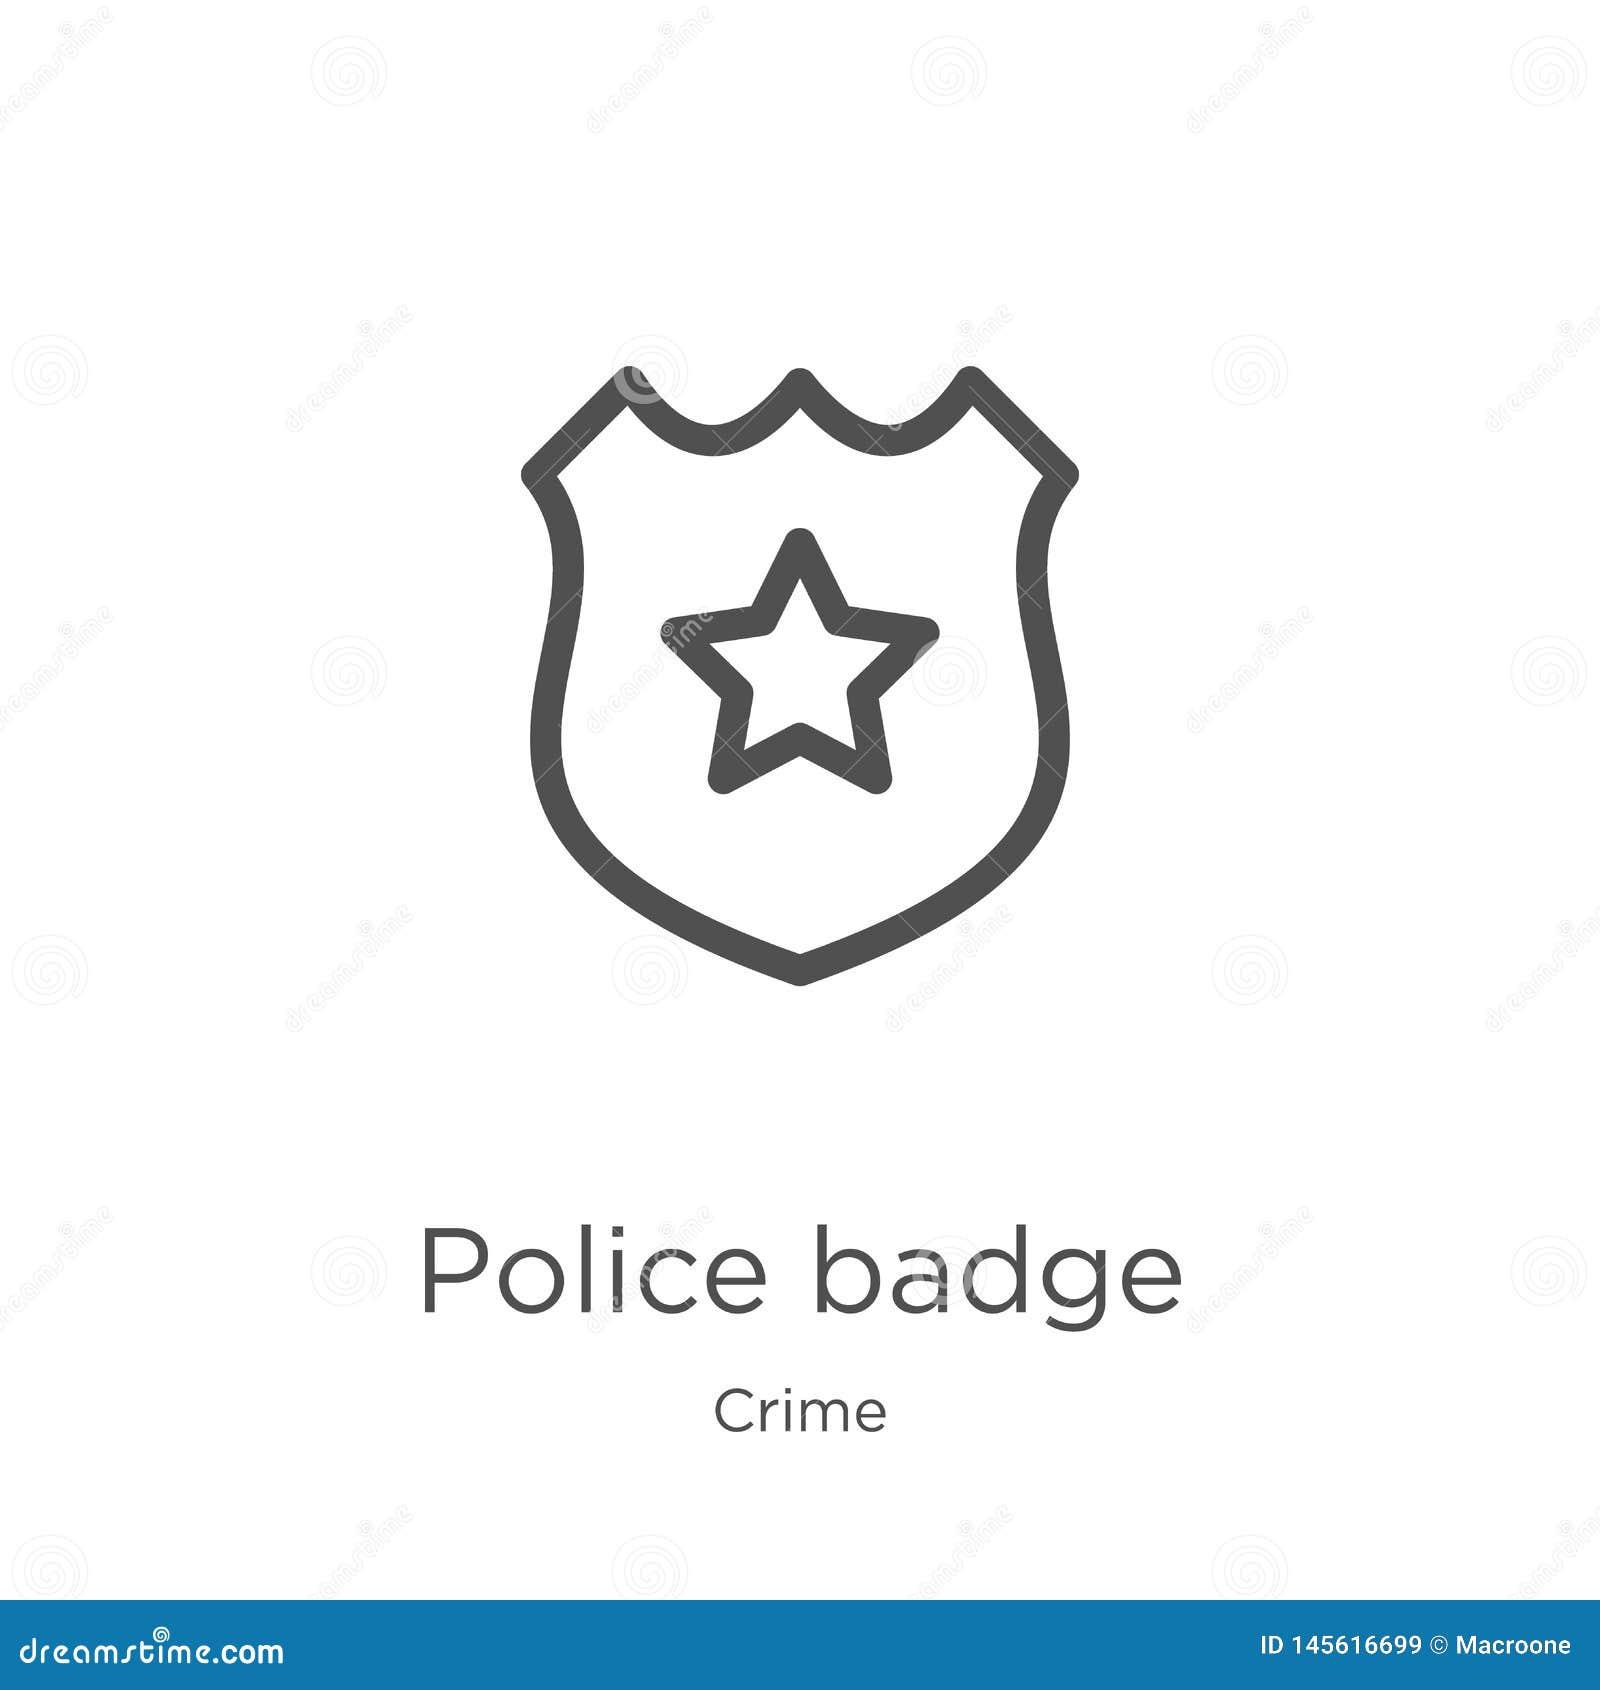 Vetor do ícone do crachá da polícia da coleção do crime Linha fina ilustração do vetor do ícone do esboço do crachá da polícia Es